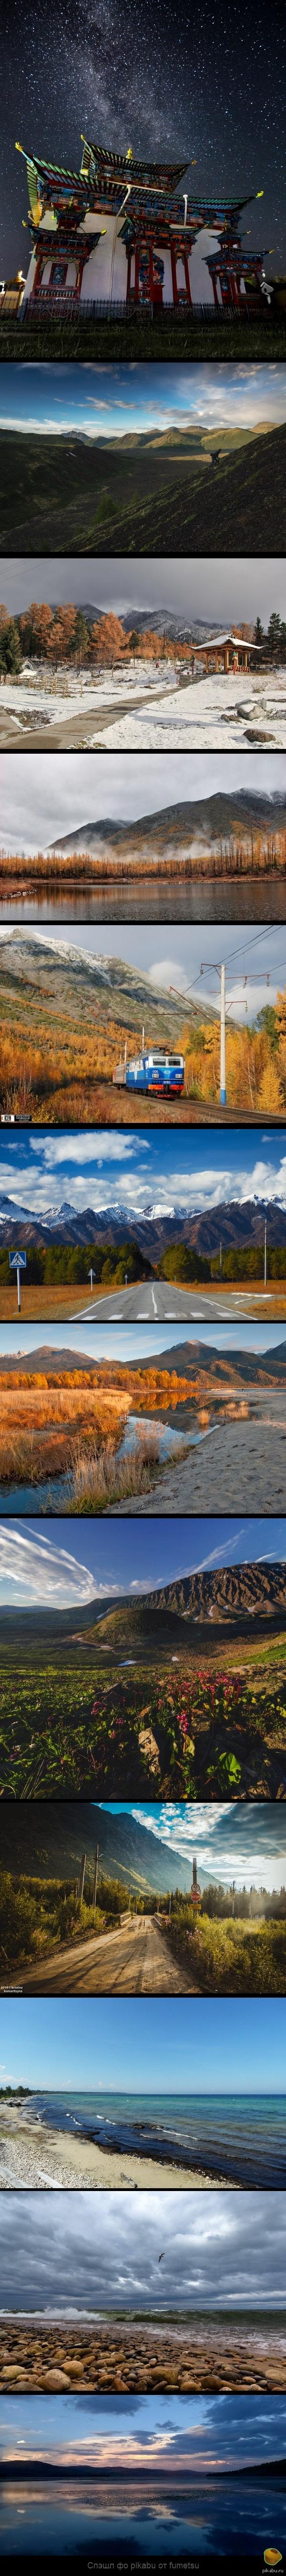 Все-таки у нас восхитительная природа Республика Бурятия  Фото, Природа, Республика Бурятия, длиннопост